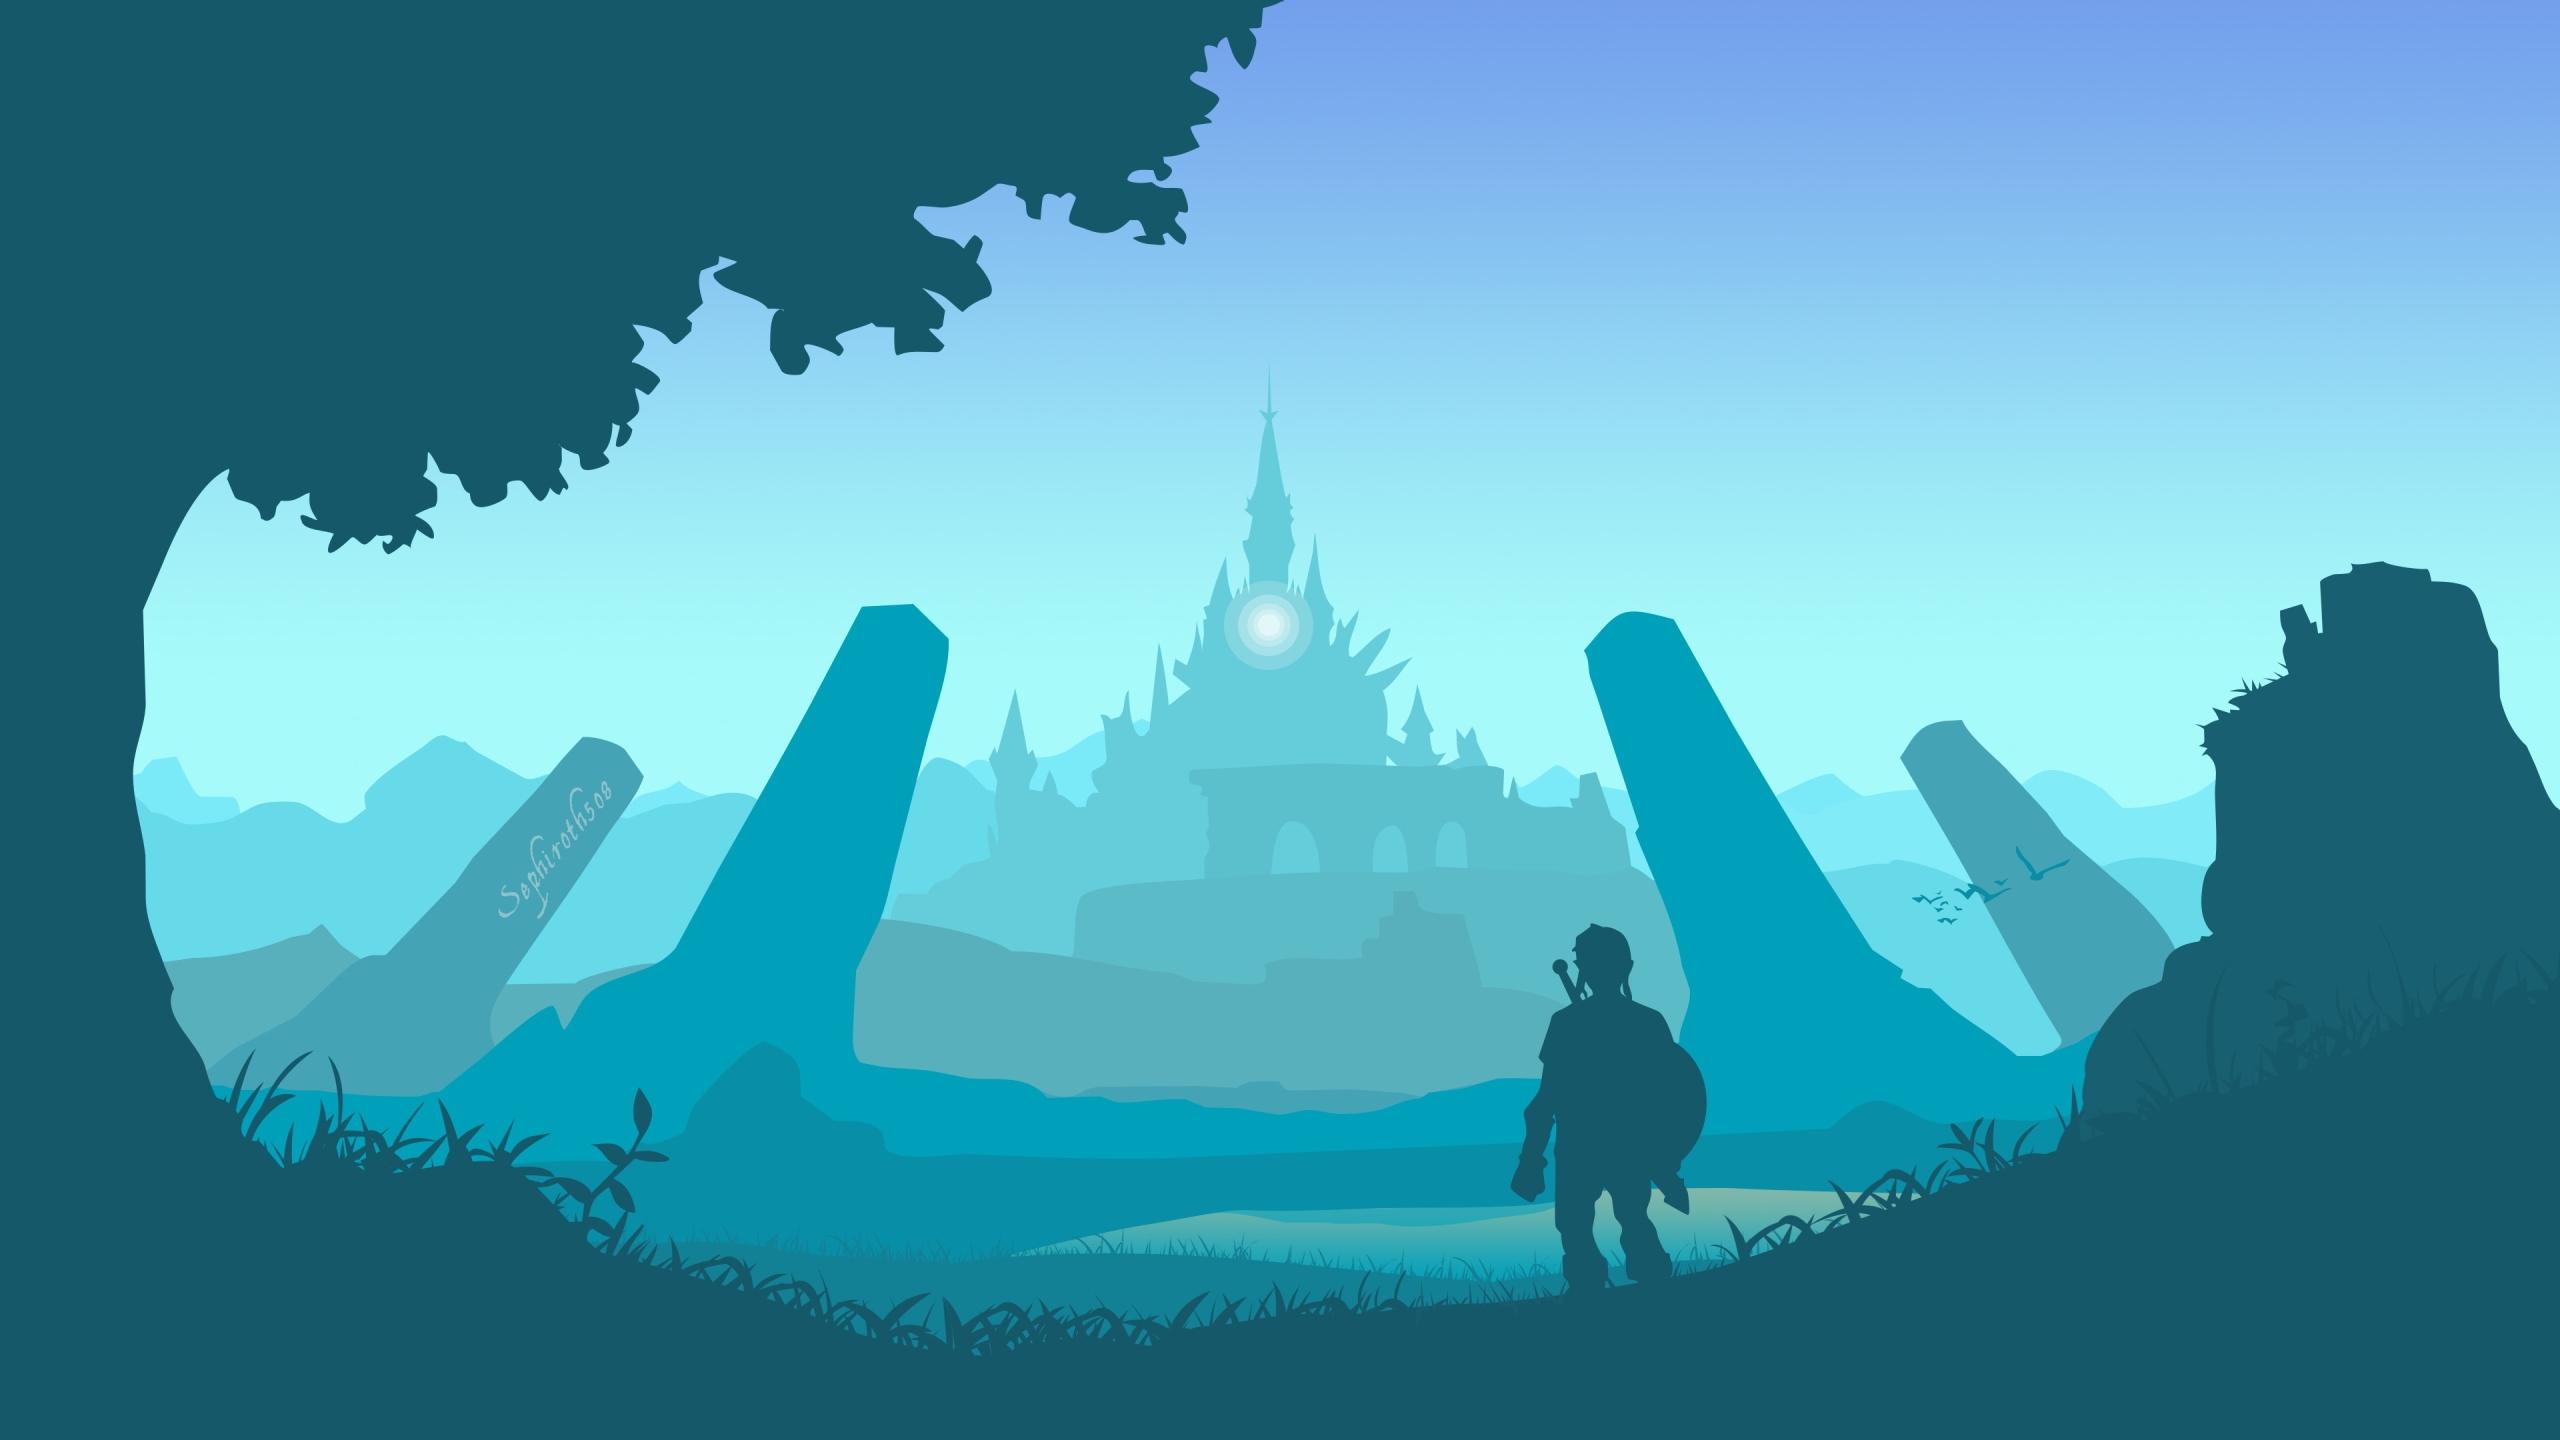 2560x1440 The Legend Of Zelda Breath Of The Wild Art 1440p